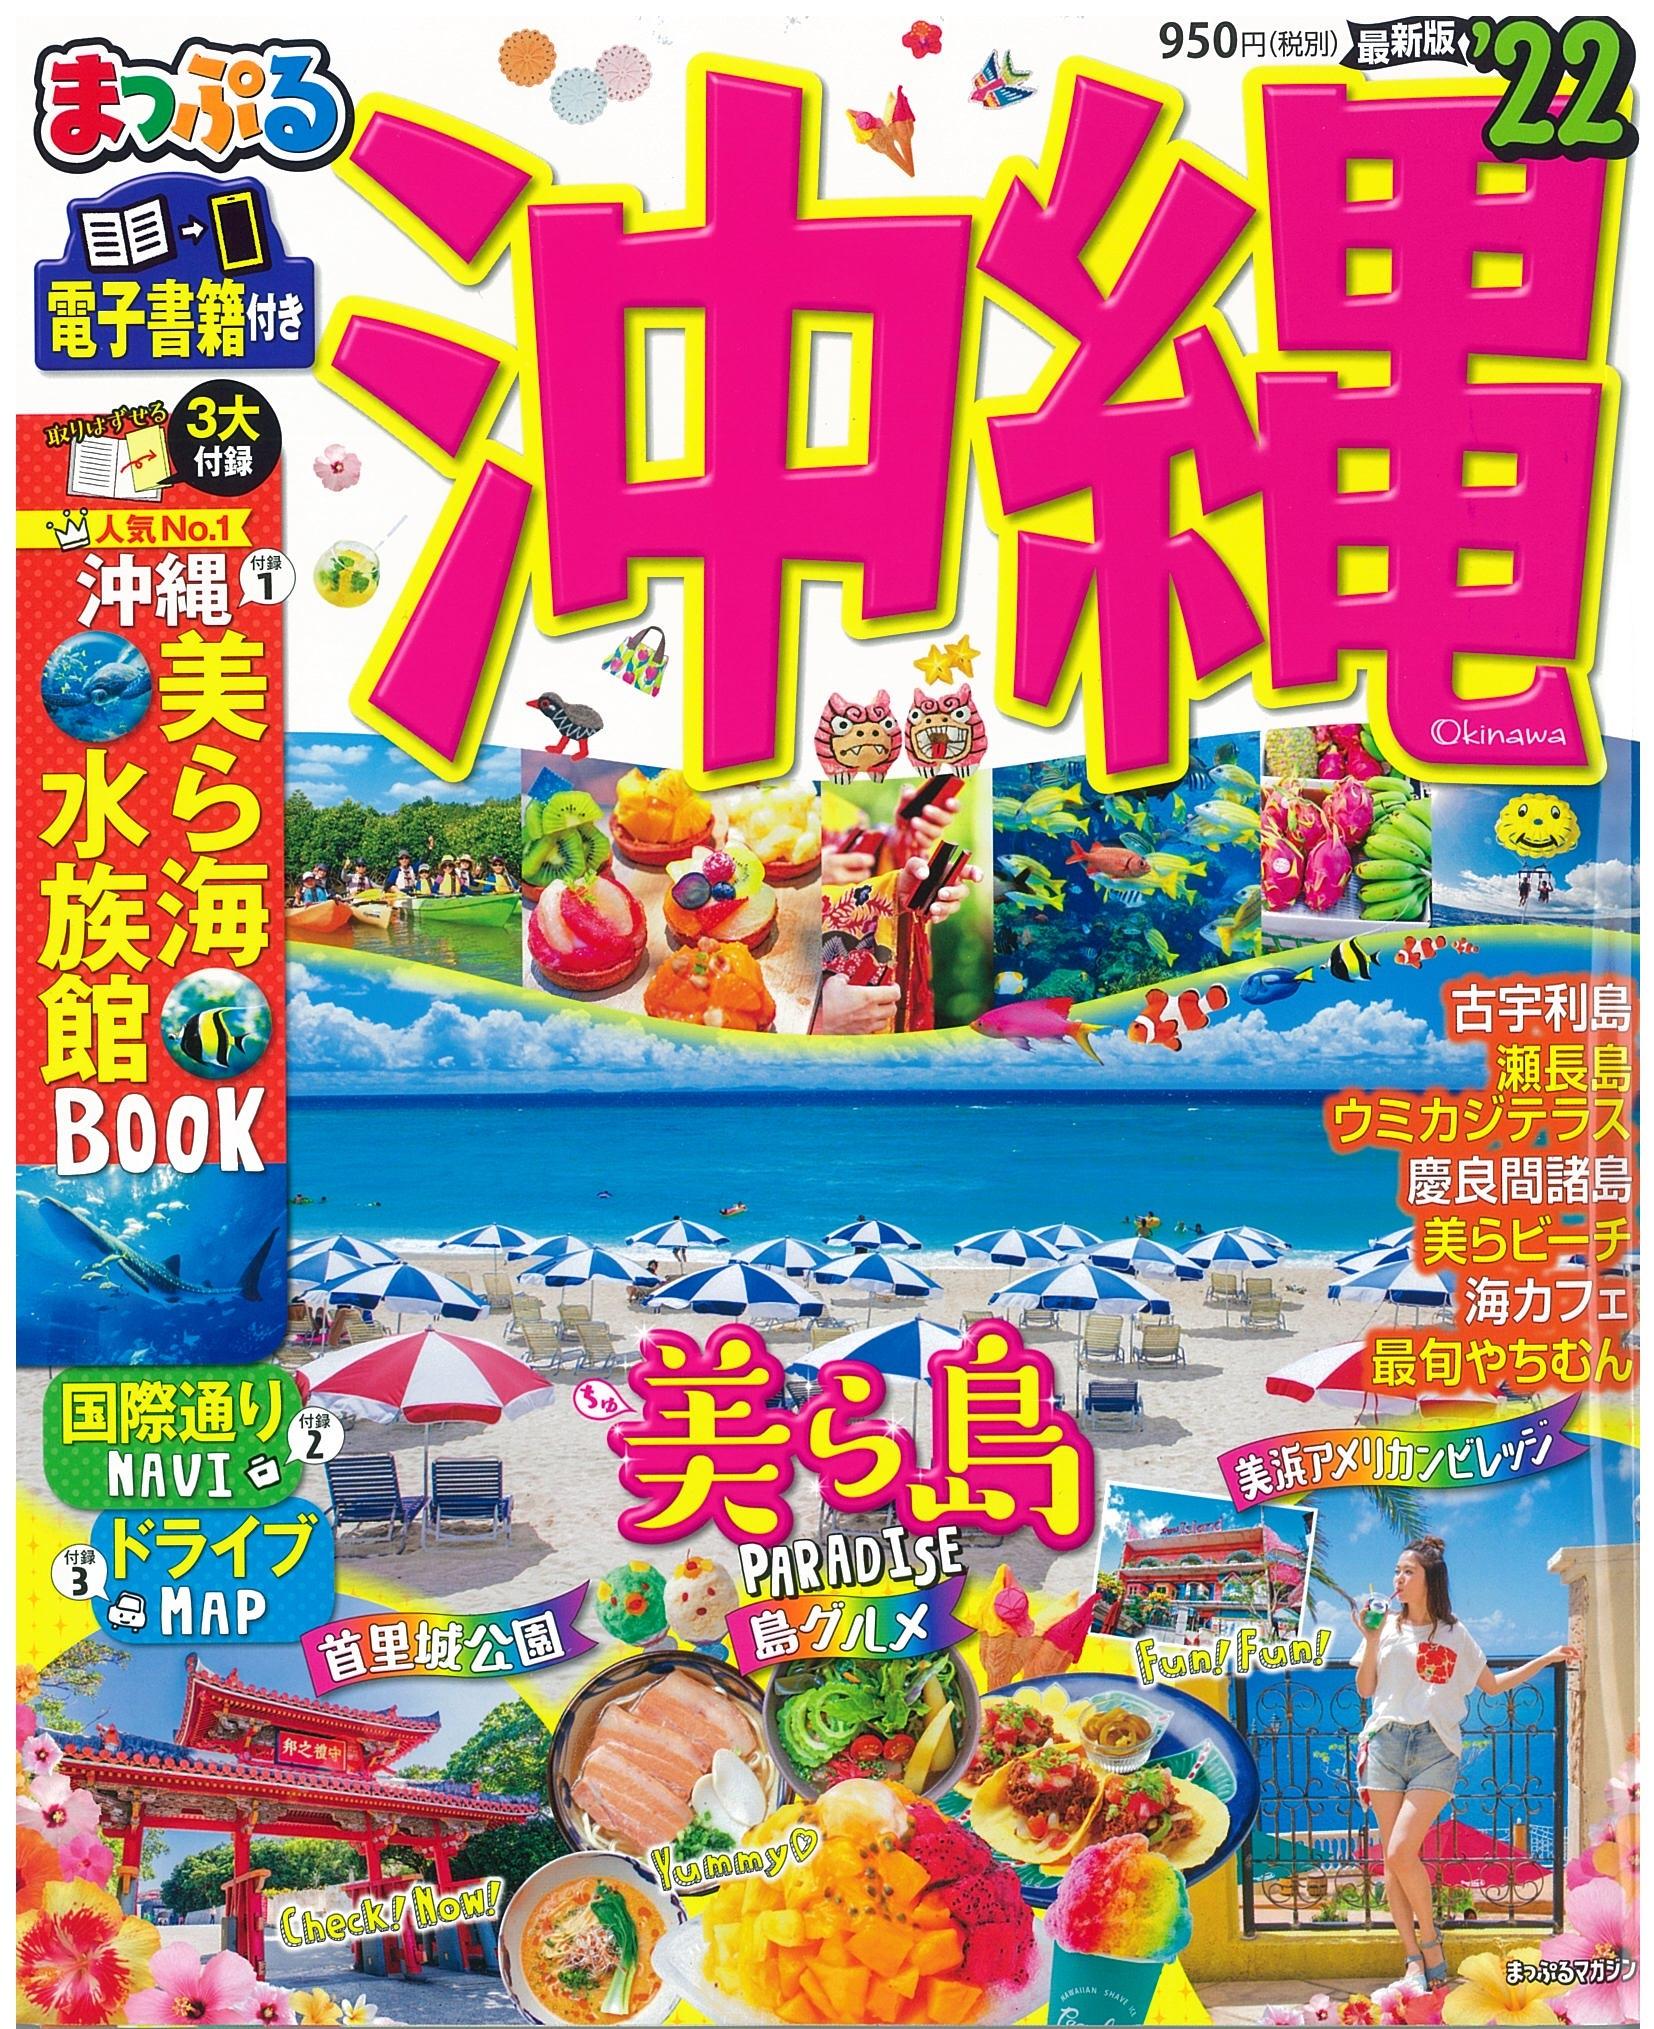 メディア掲載のお知らせ【旅行ガイドブック「まっぷる 沖縄'22」】